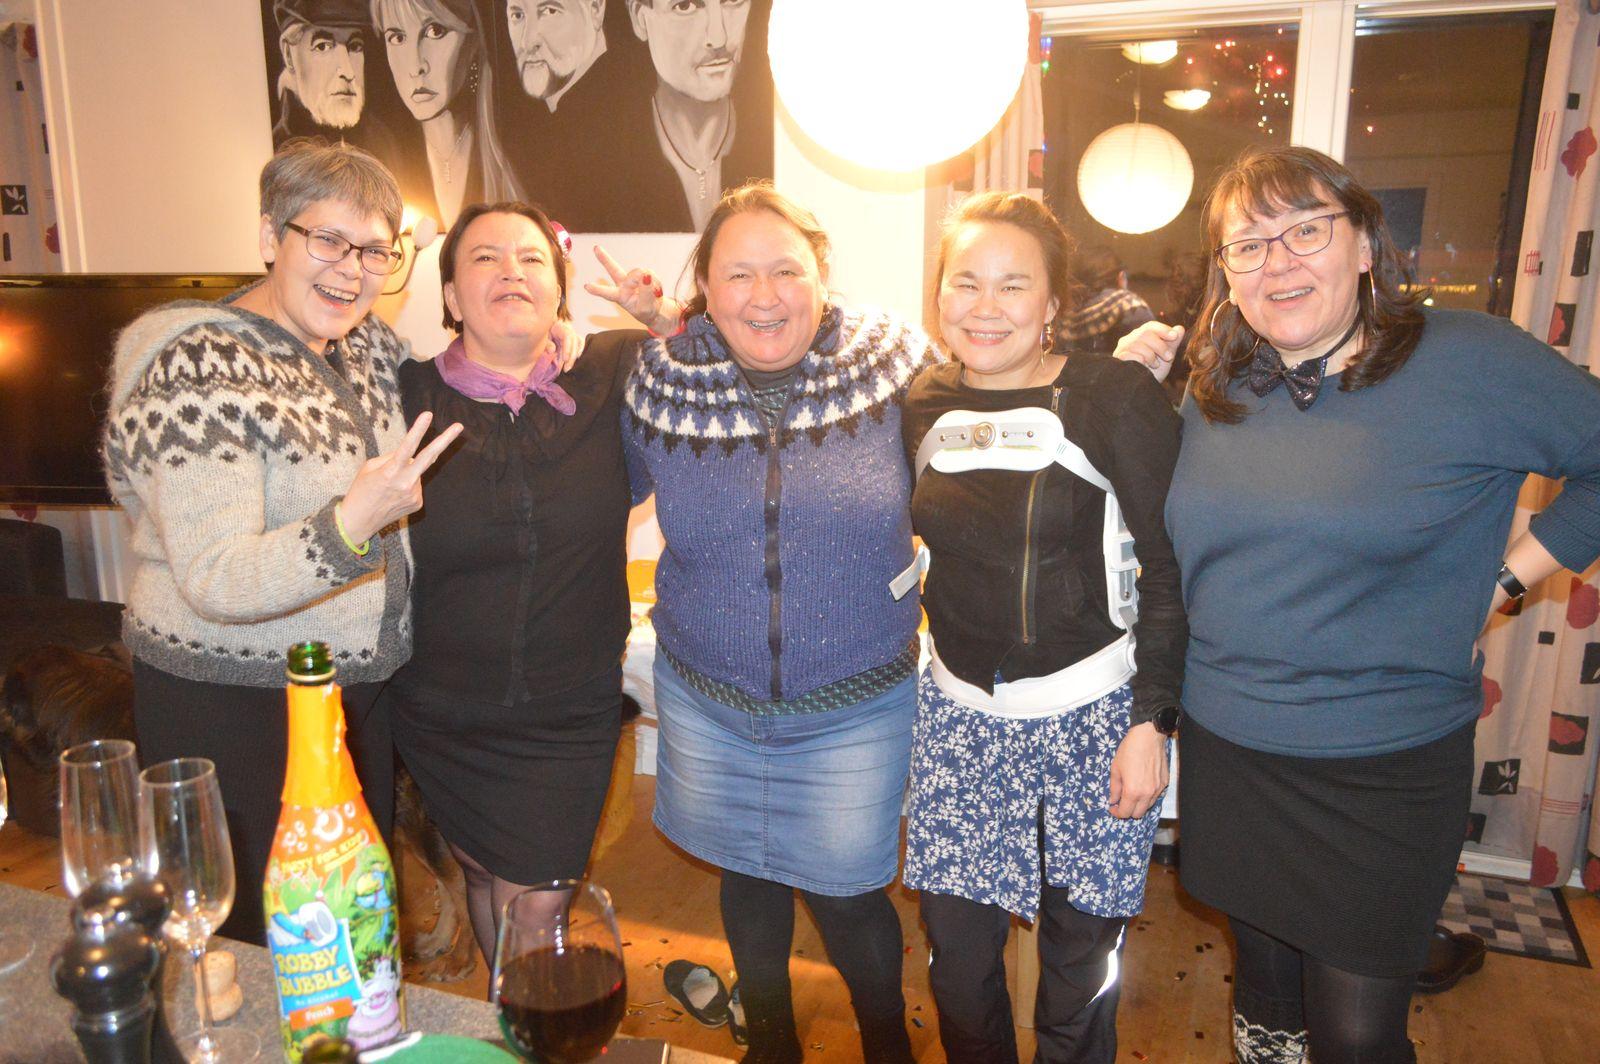 2020-01-01-0142_Anna-Hessler-Labansen-Bedste_1-Juliane-Burmeister-Maren-Mikkelsen-Lennert-Mina-Hessler-Isoboset